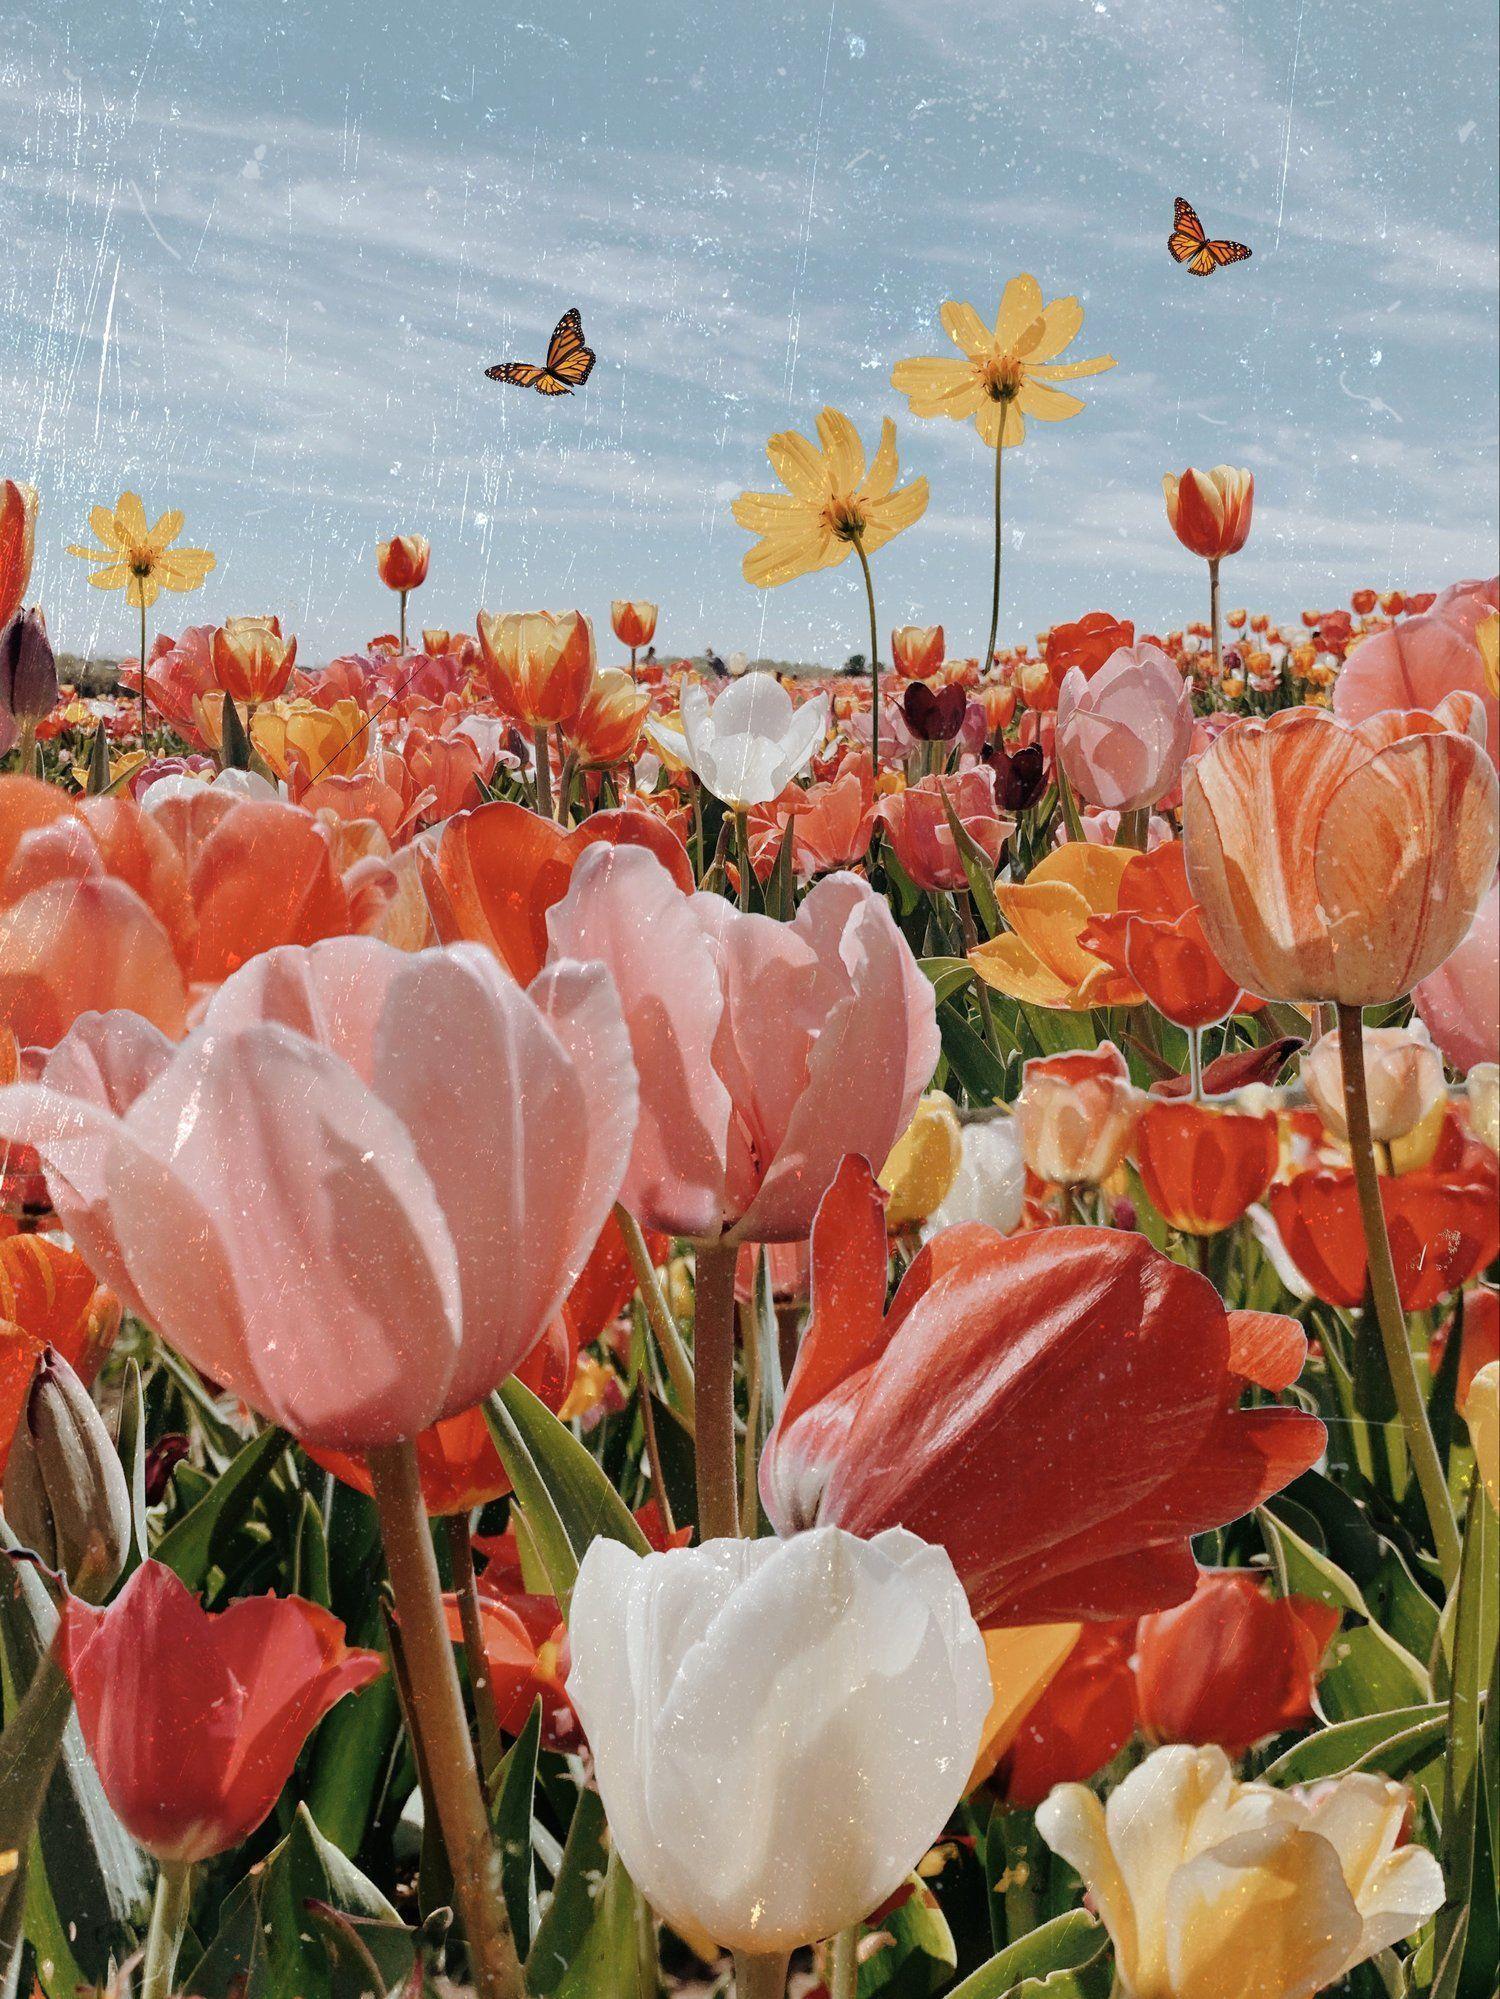 Garden Planning Tulips Aesthetic Tulips Aesthetic Tulips Wallpaper Aesthetic Aesthetic Garden Planning T In 2020 Tulips Flowers Flower Aesthetic Tulip Season